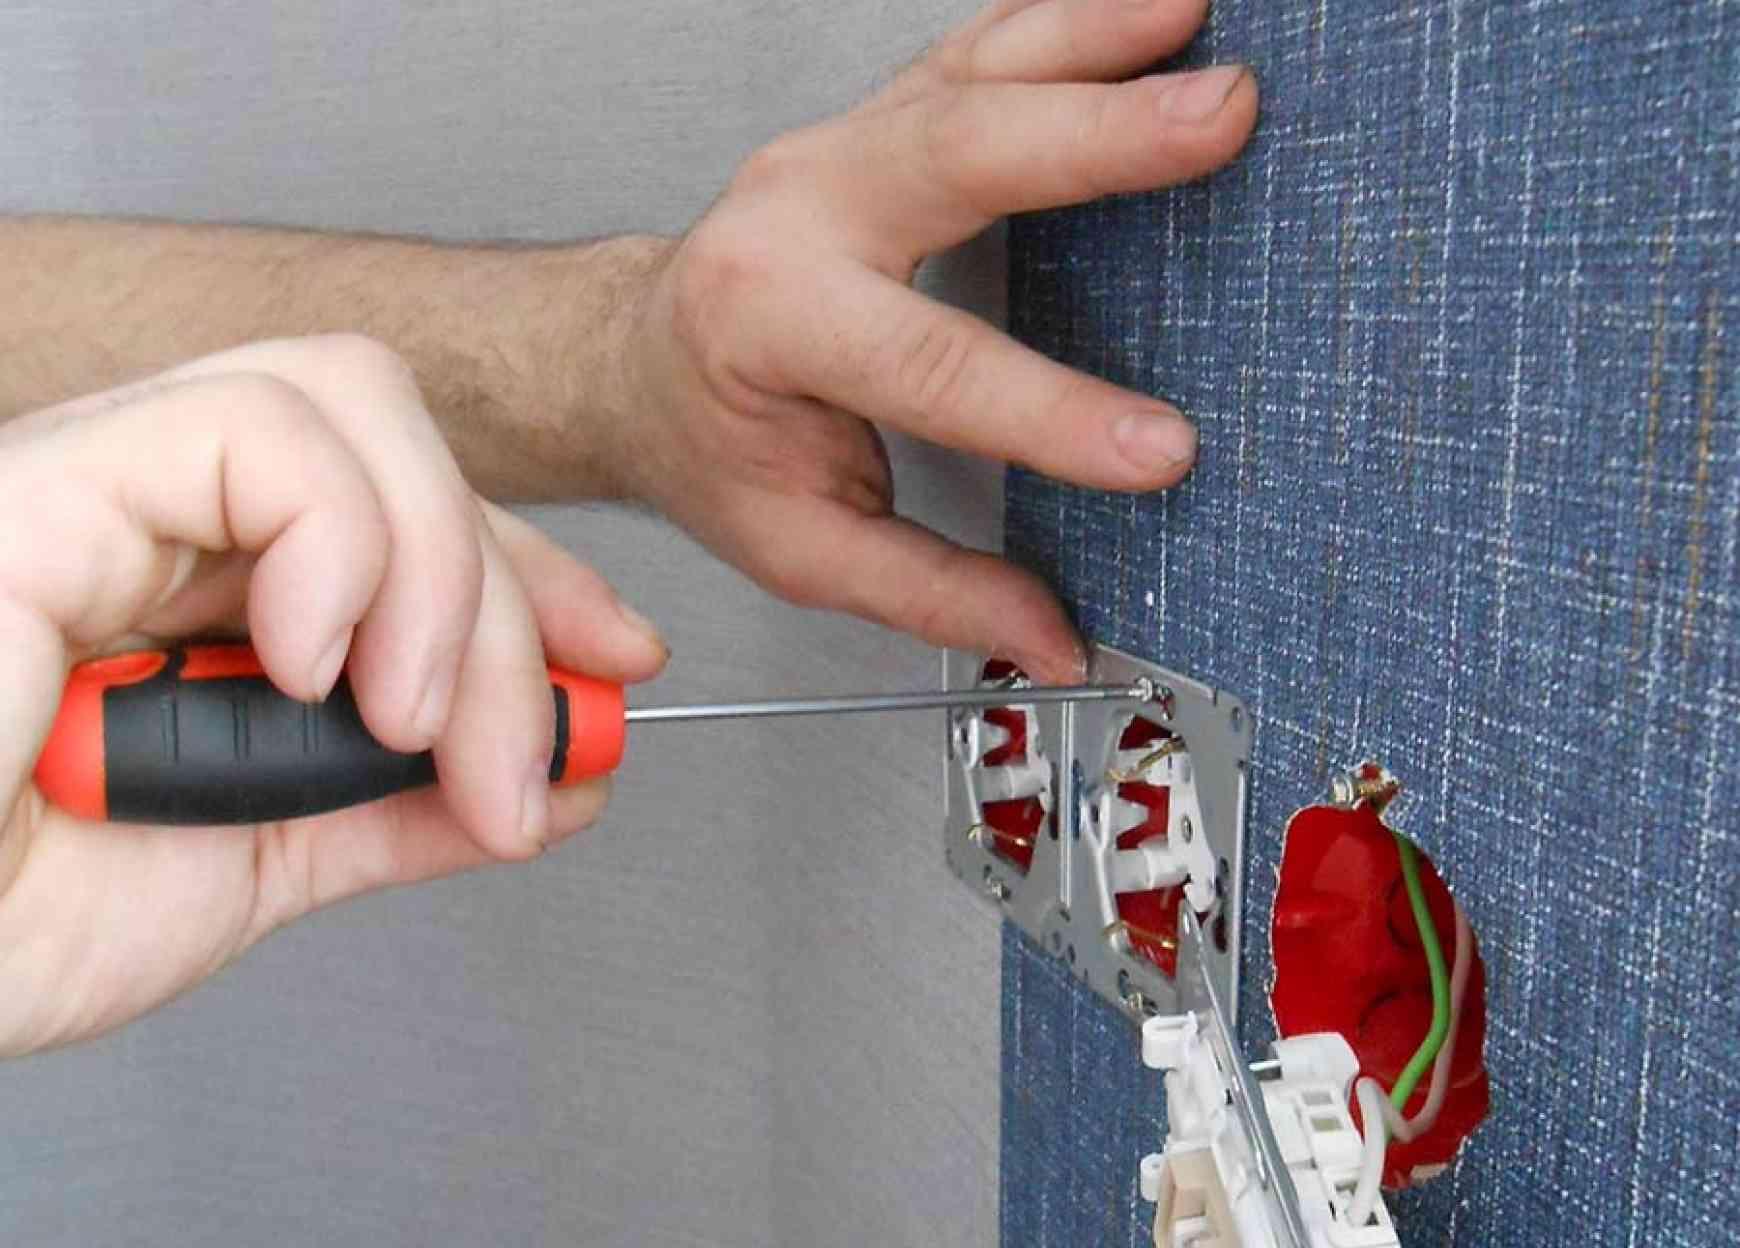 Подключение и монтаж внутренней розетки,,выключателя от 3 руб.